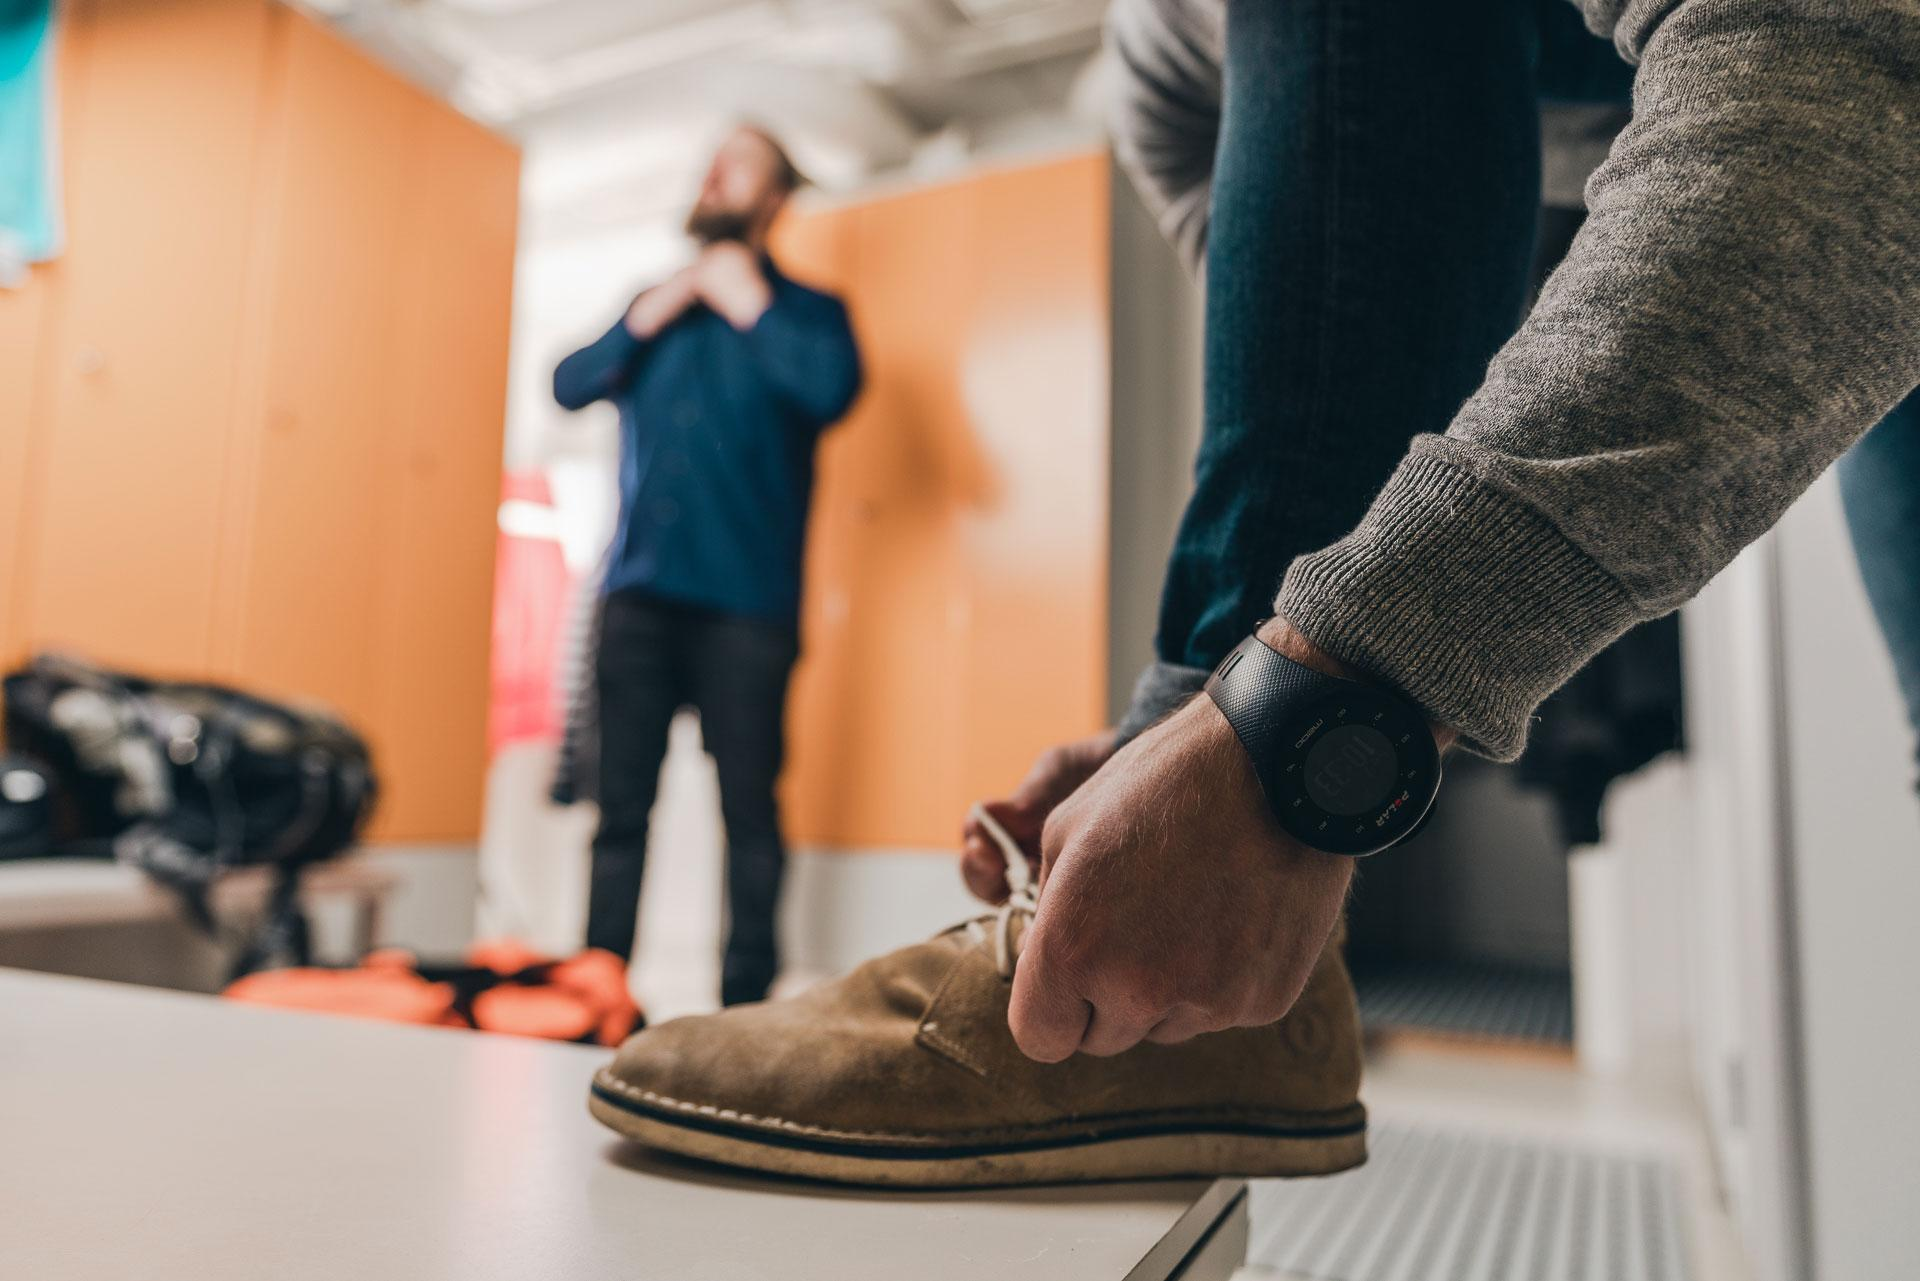 Mies solmii kenkiä pukuhuoneessa ja toinen mies taustalla korjailee kaulustaan.